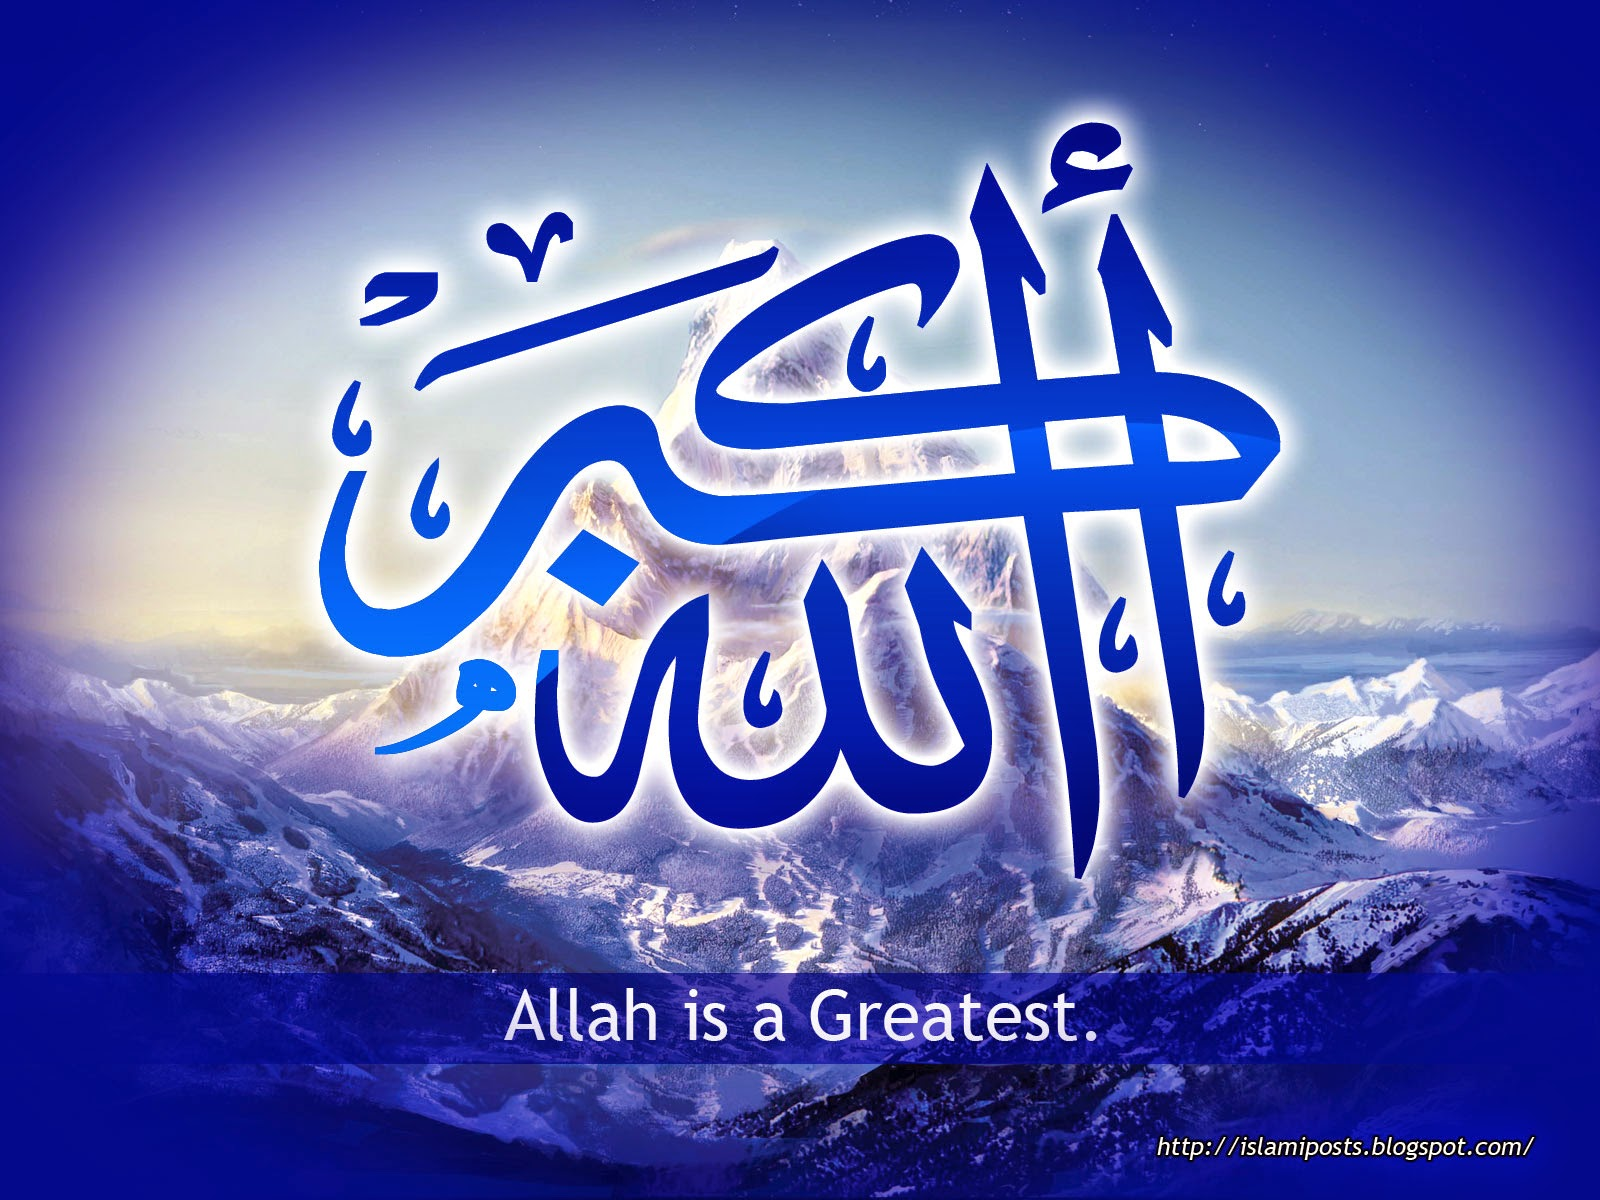 Allah sb sy bara he